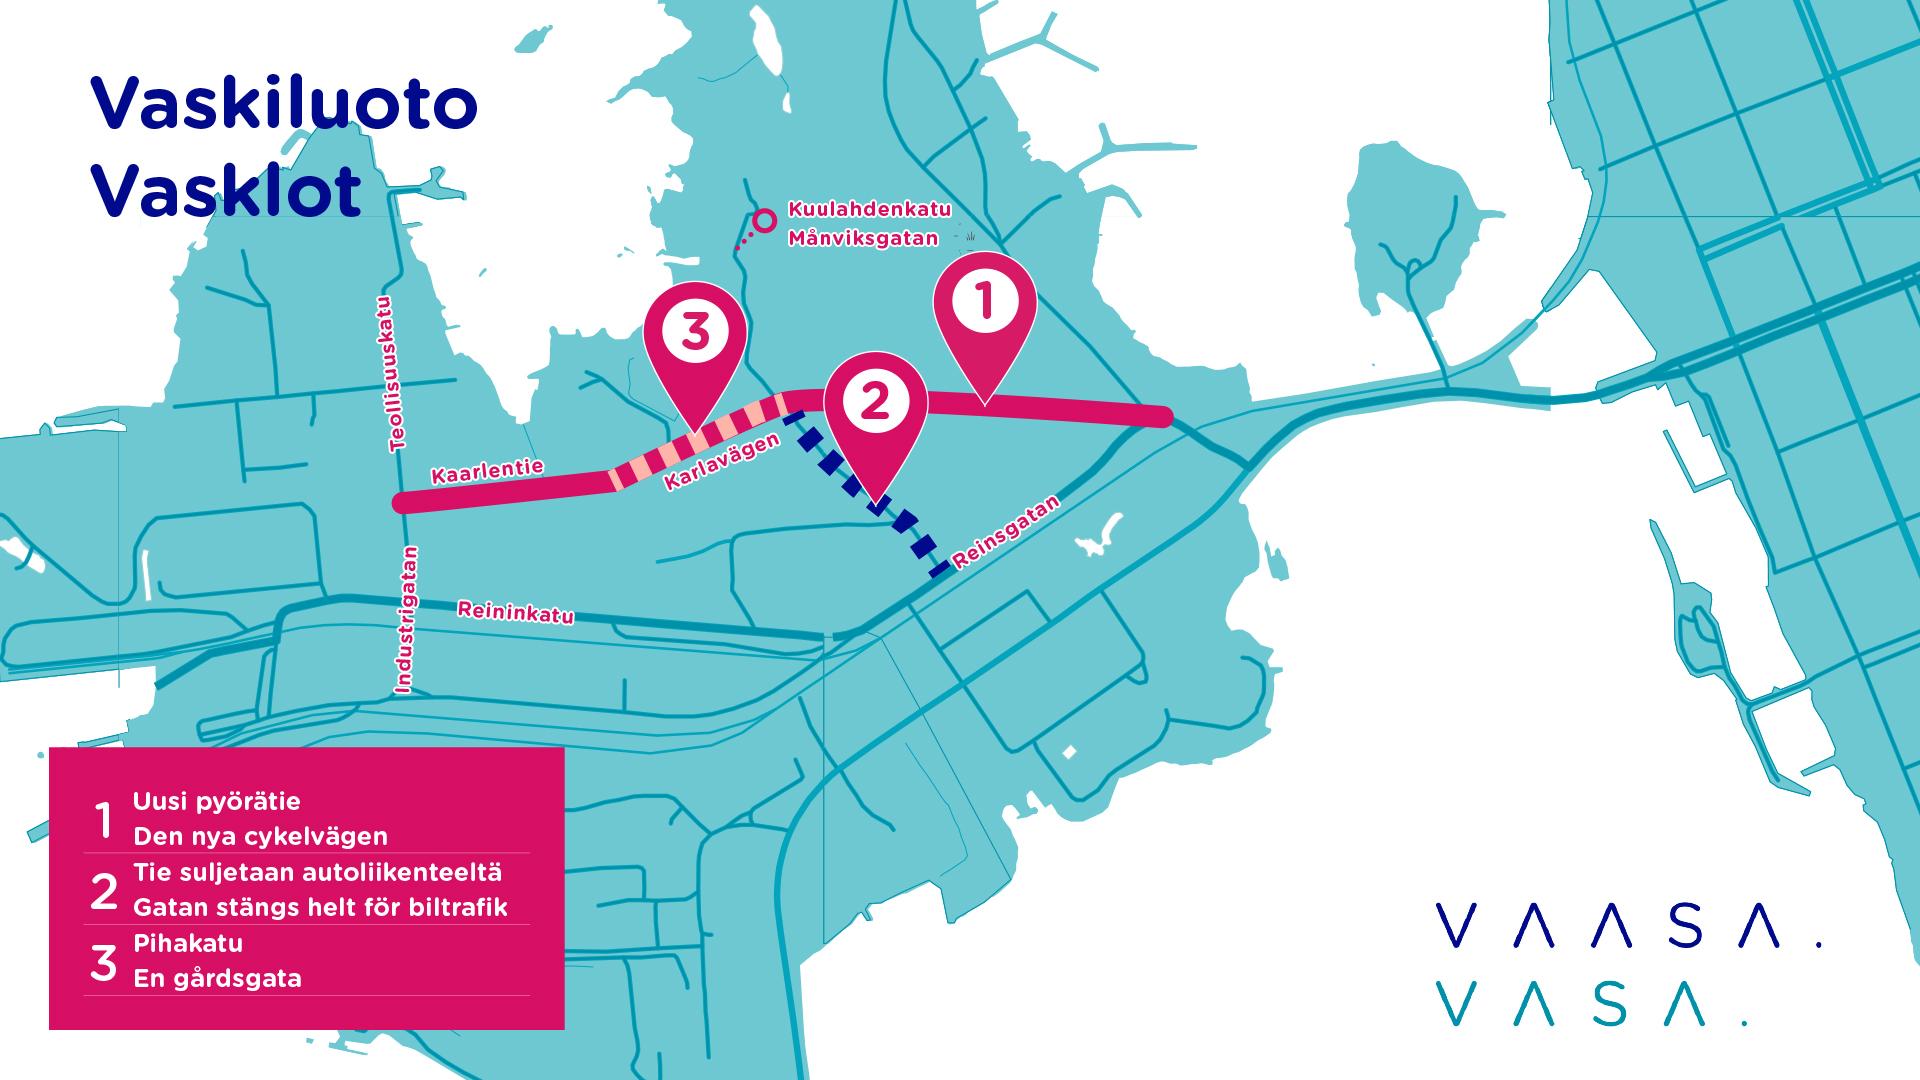 Karttakuva, jossa kuvataan uuden pyörätien reitti sekä muutokset muihin liikennejärjestelyihin.